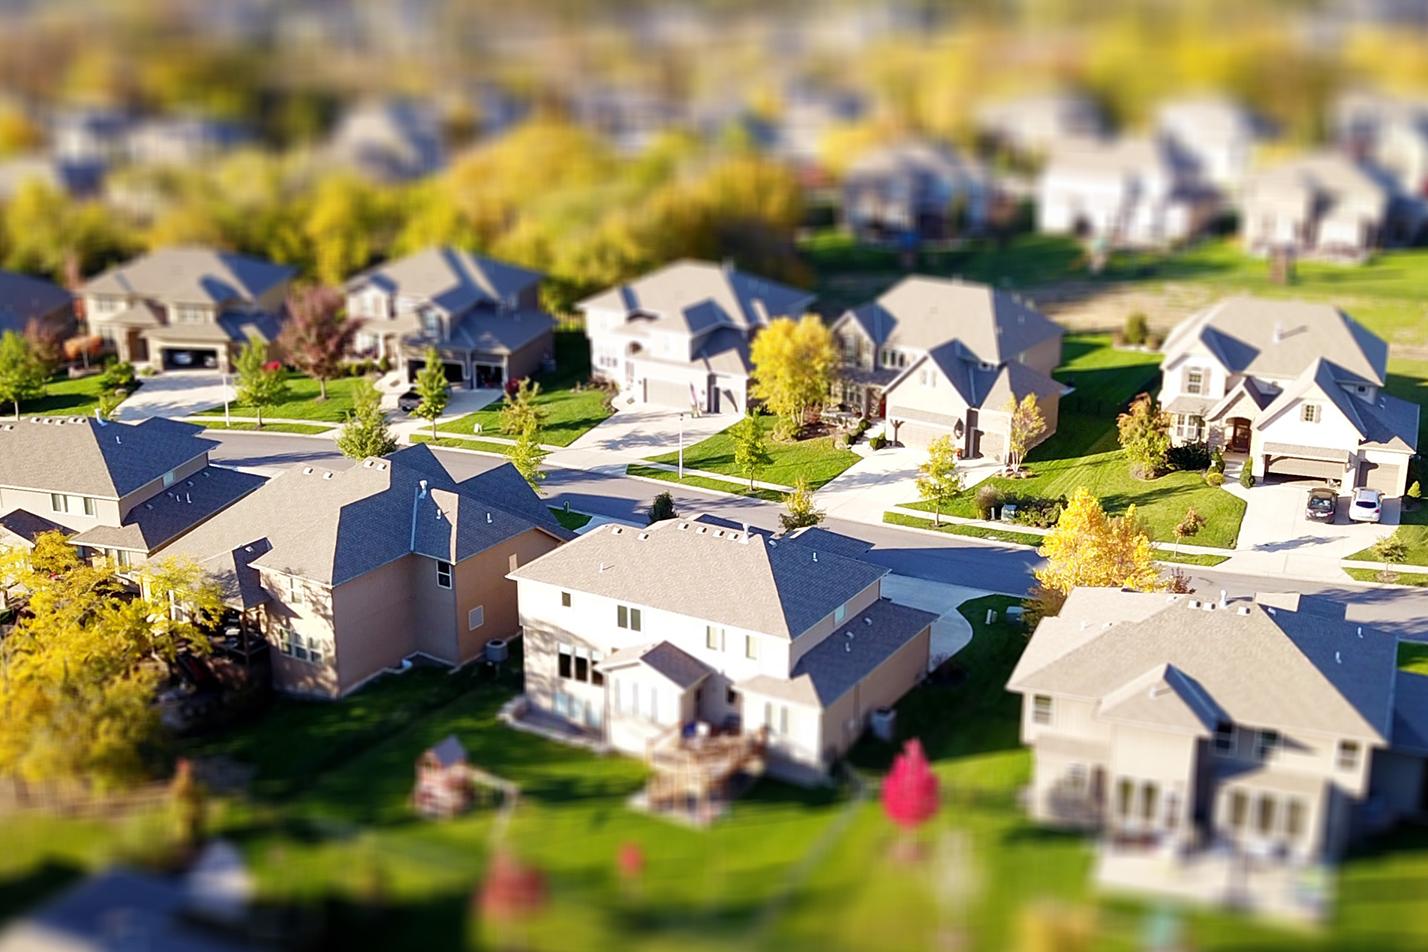 Vue aérienne d'un quartier résidentiel.